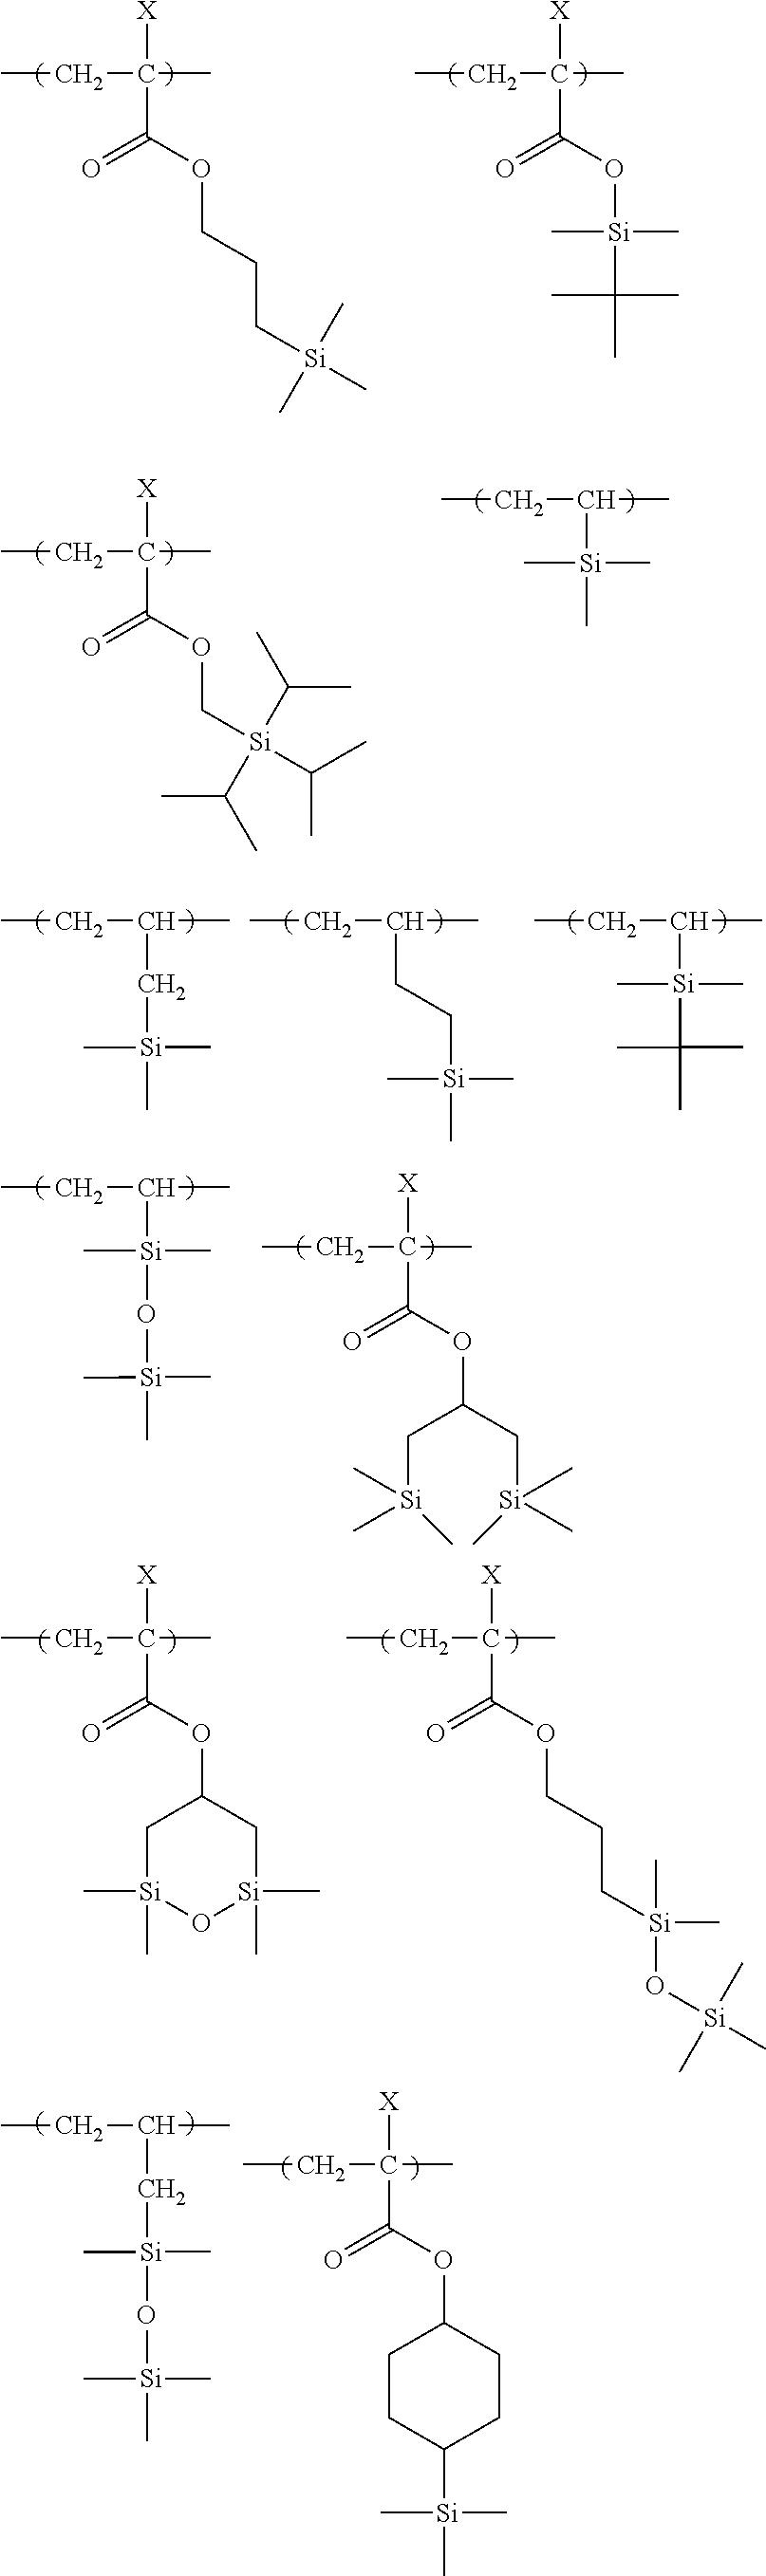 Figure US08476001-20130702-C00067